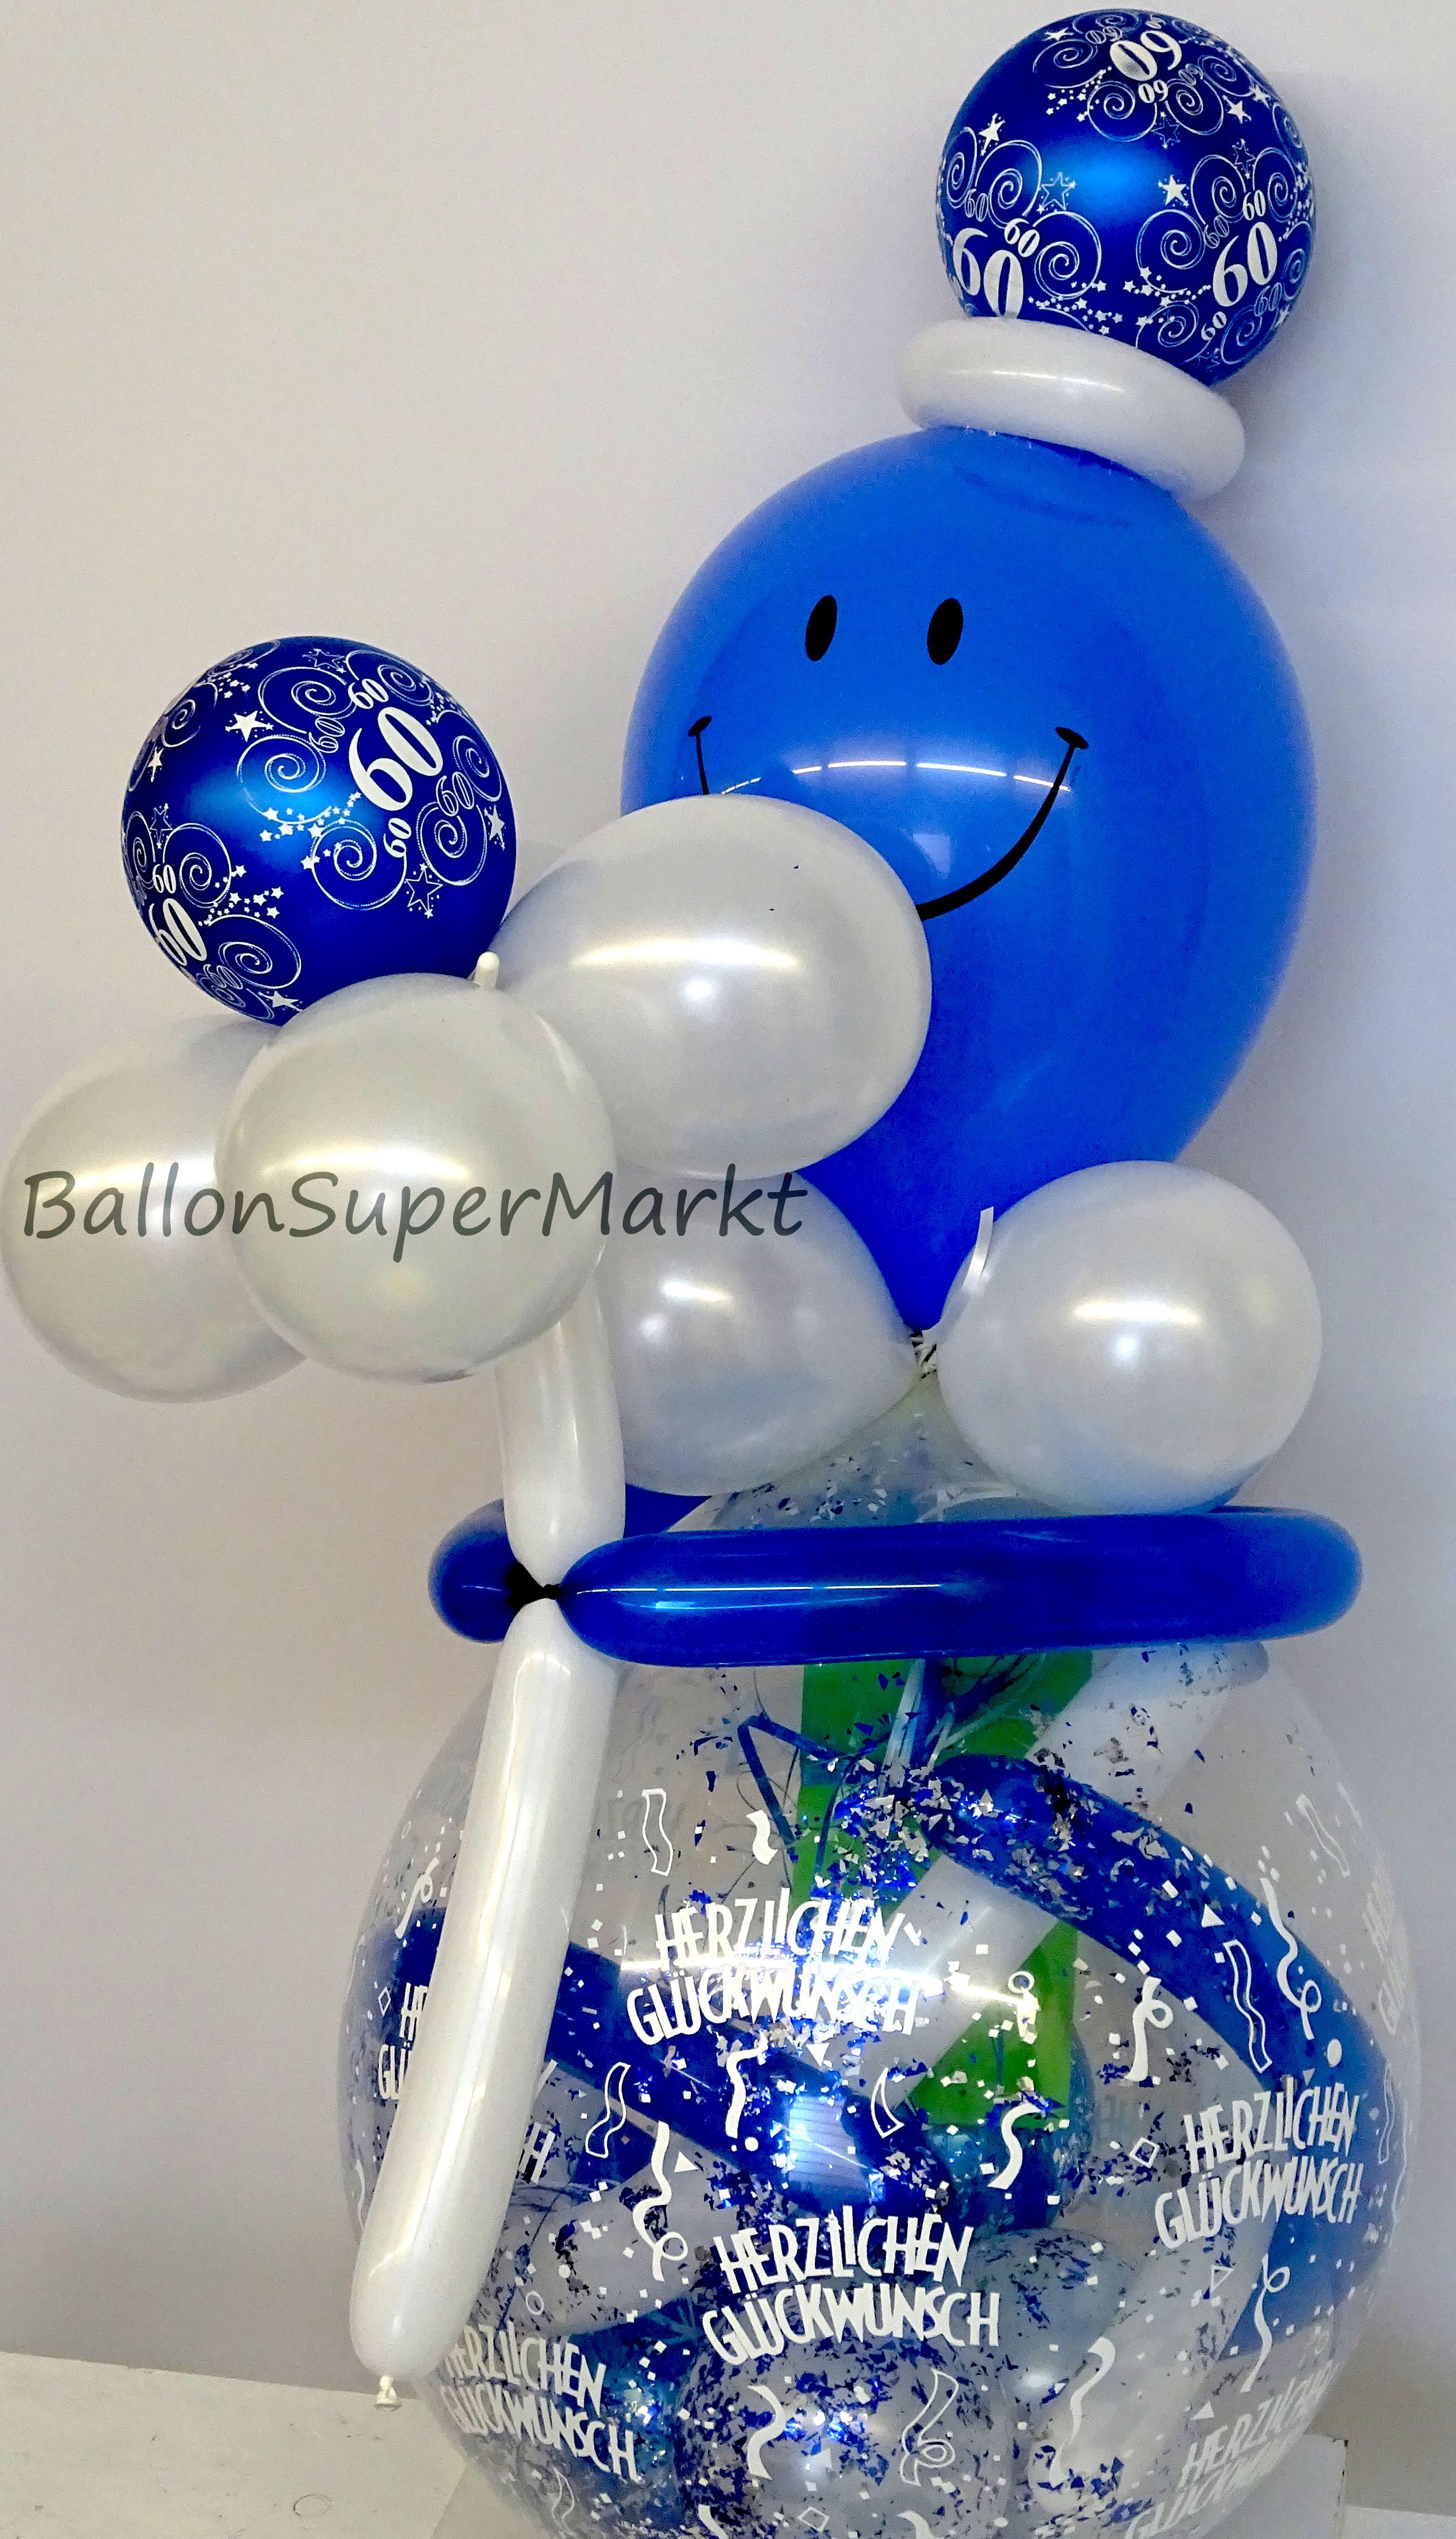 Geschenk Im Ballon Zum 60 Geburtstag Luftballons Geschenke